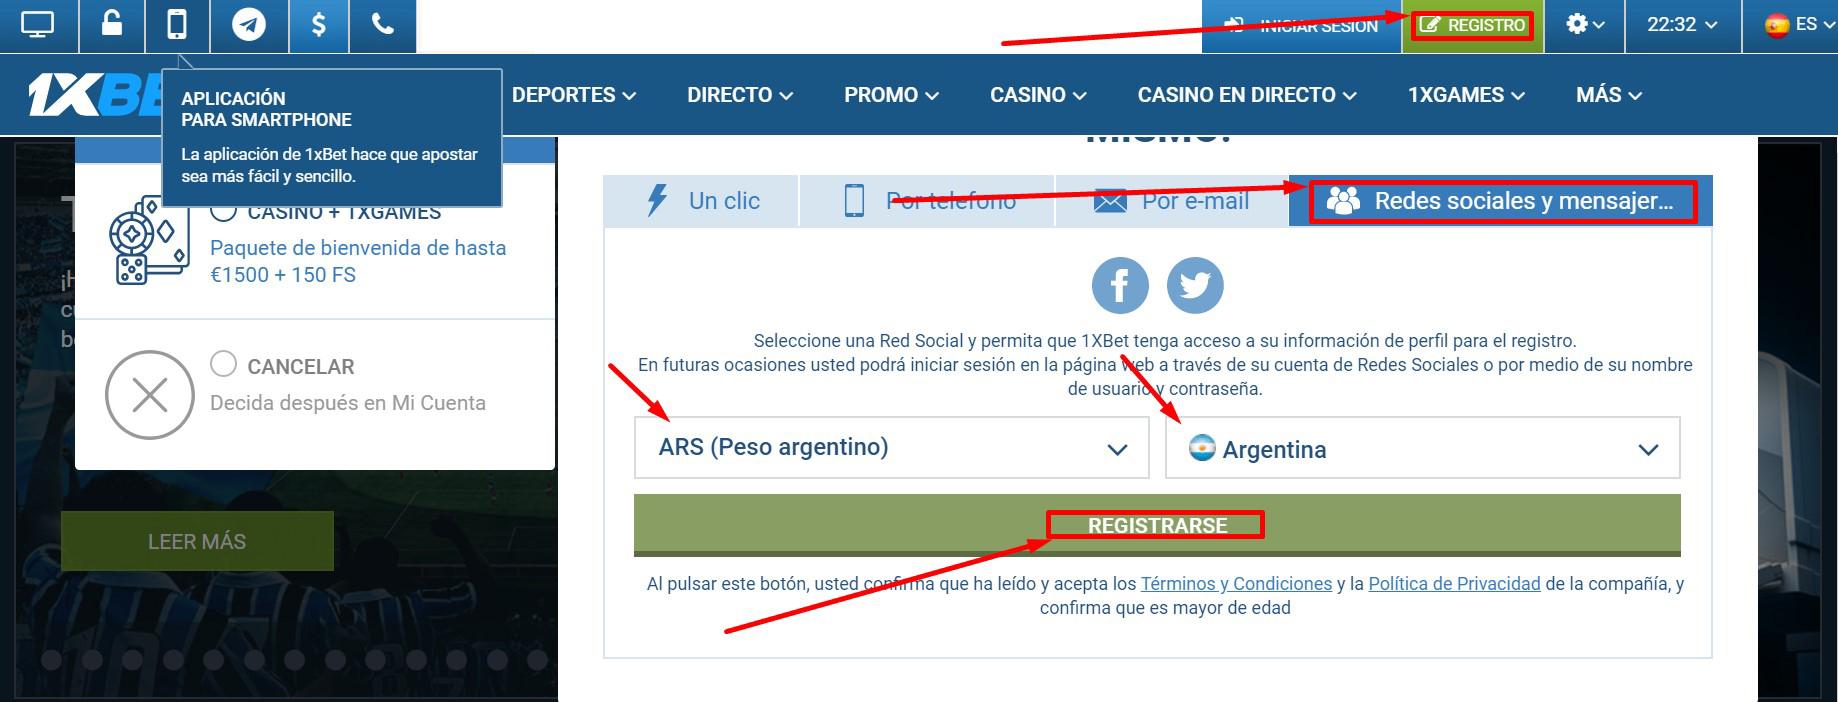 Opciones convenientes de 1xBet para crear una cuenta – como puede registrarse sin problemas